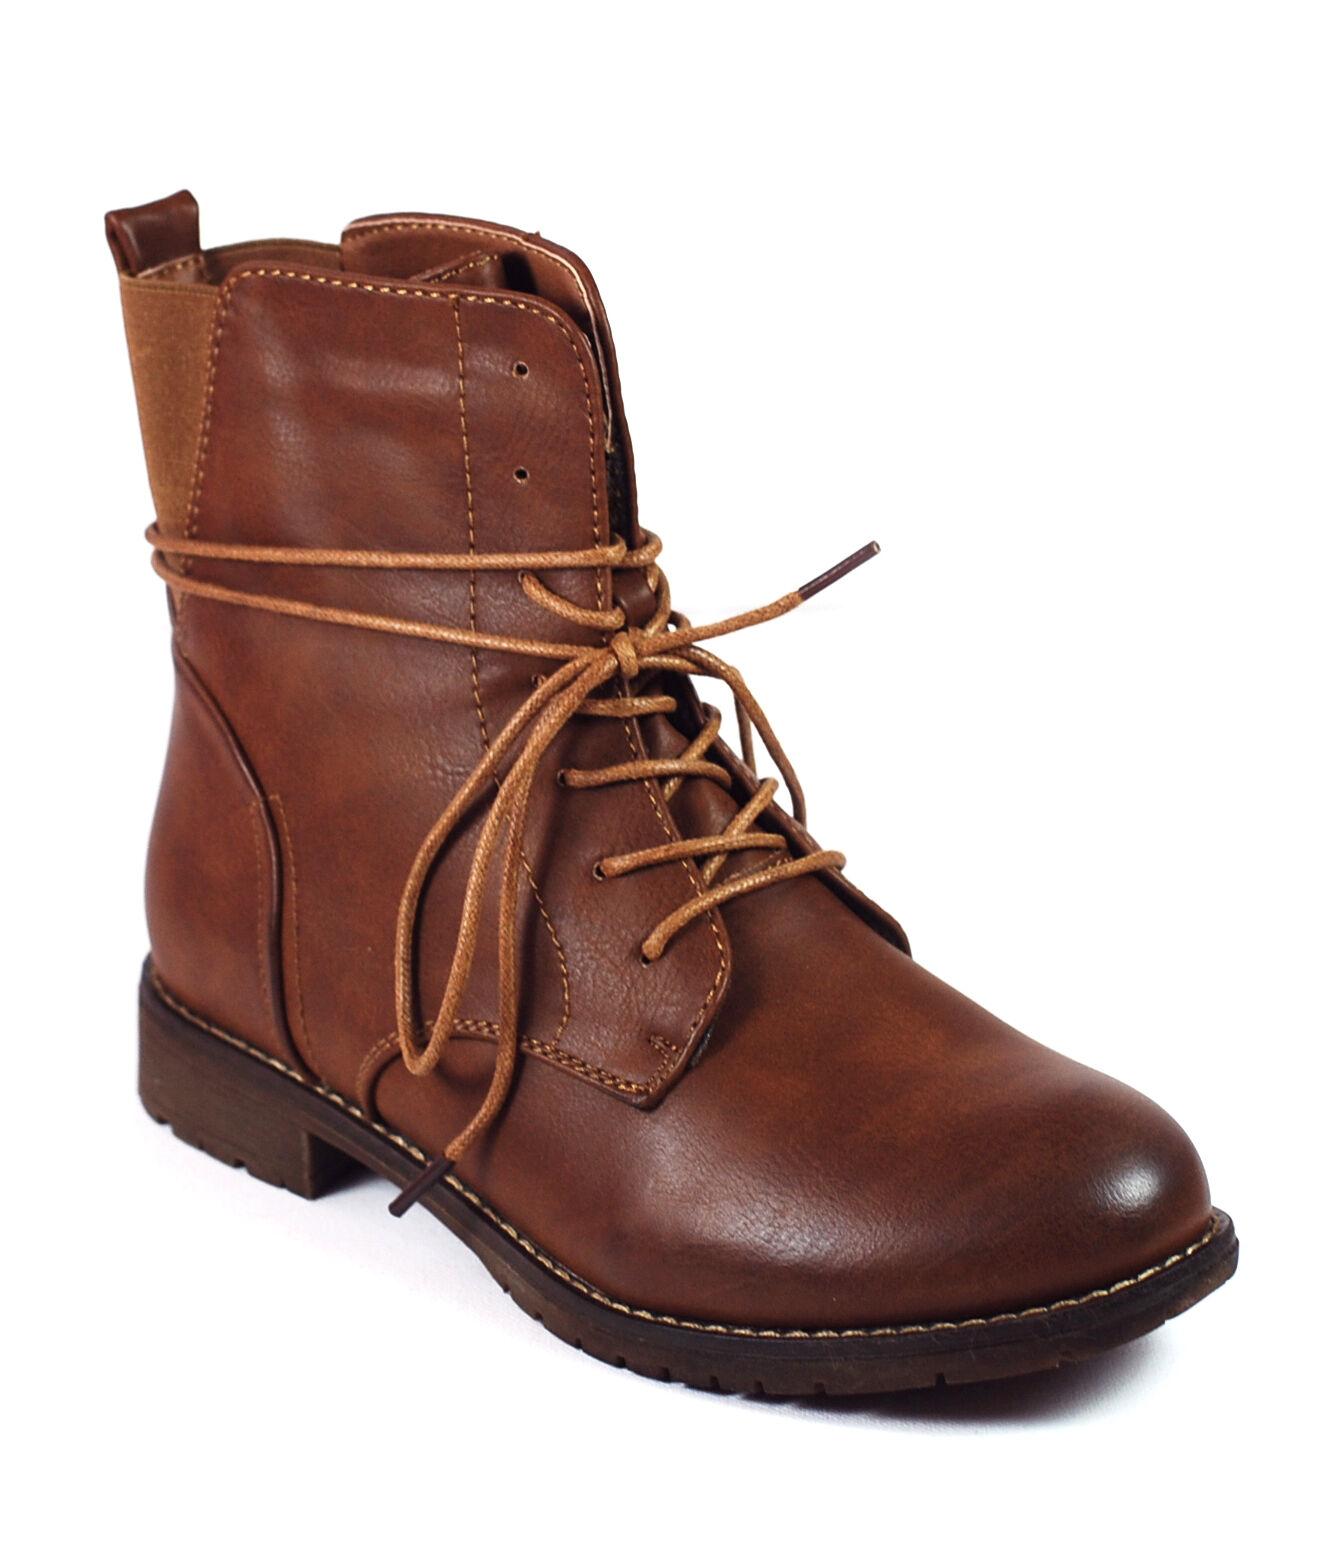 Schuh Stiefelette Stiefel Pumps Boots Damen Mädchen camel braun Klassik 165